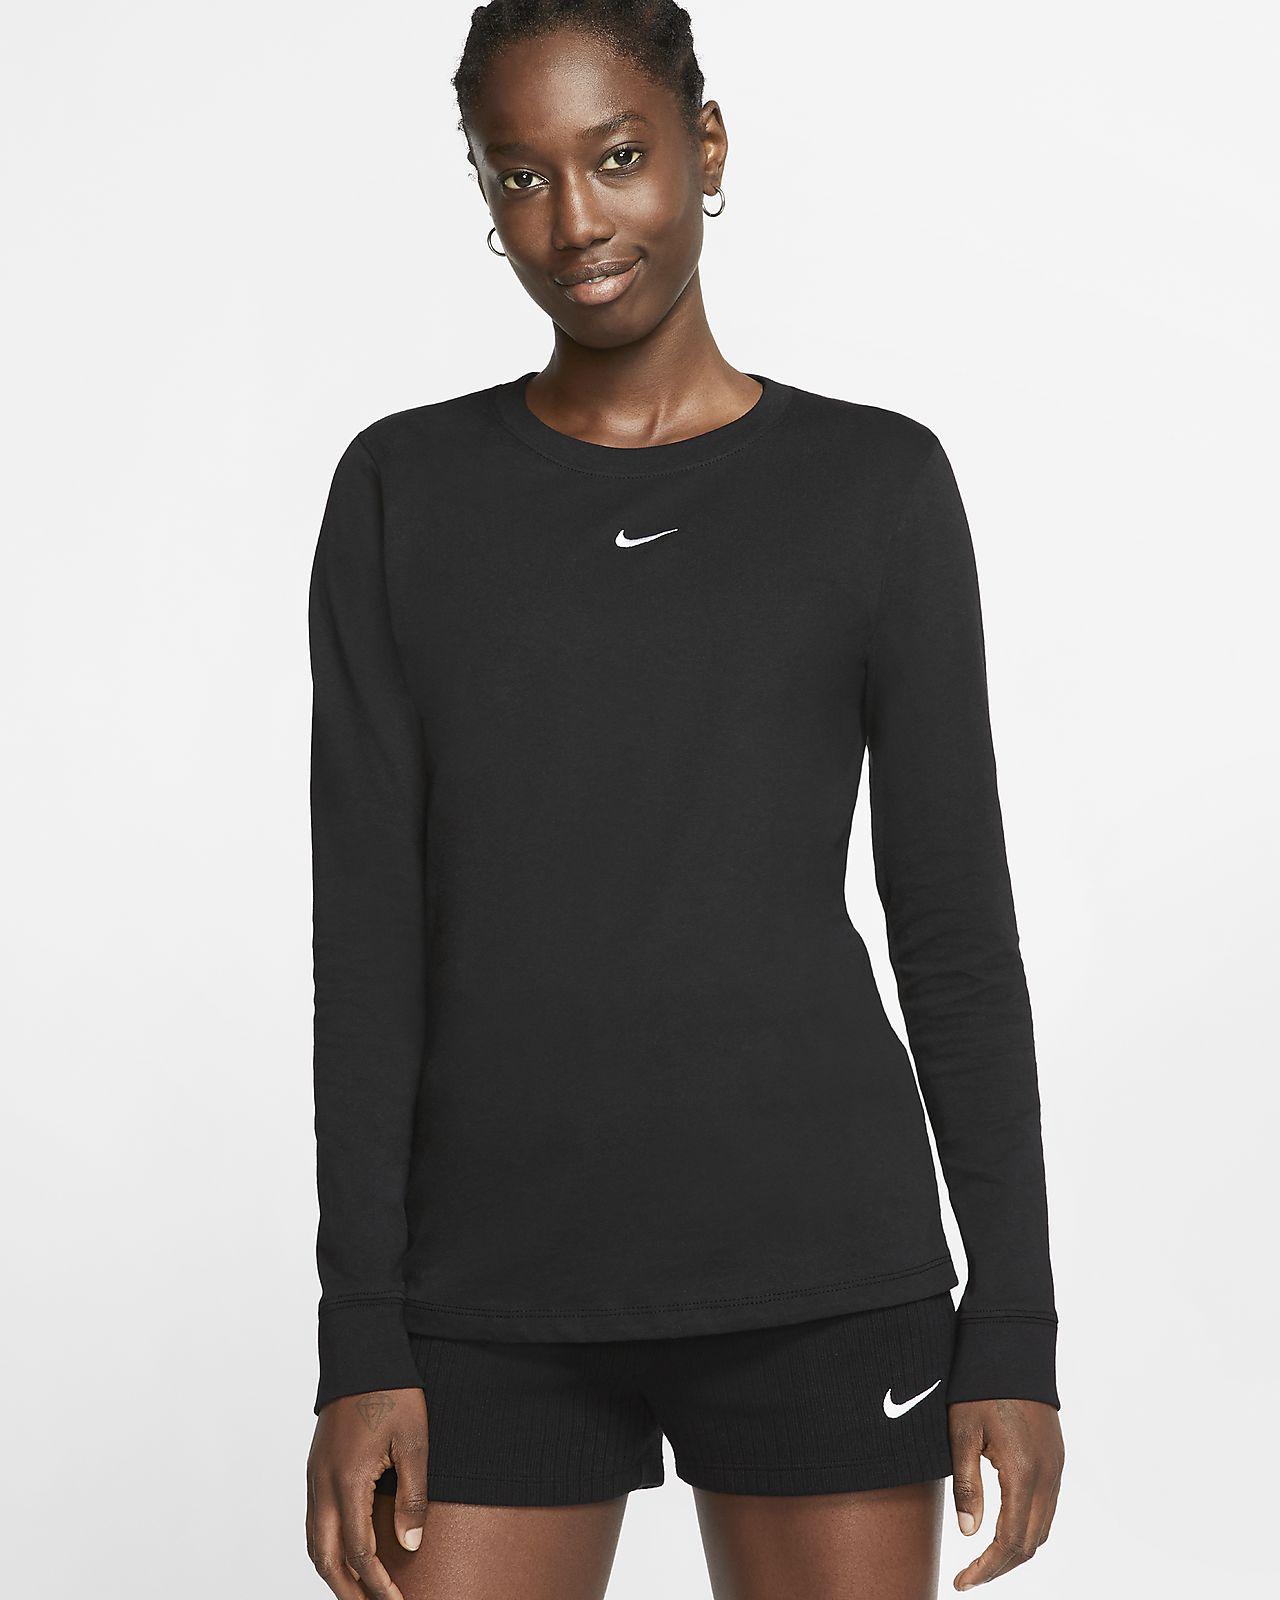 Långärmad T-shirt Nike Sportswear för kvinnor